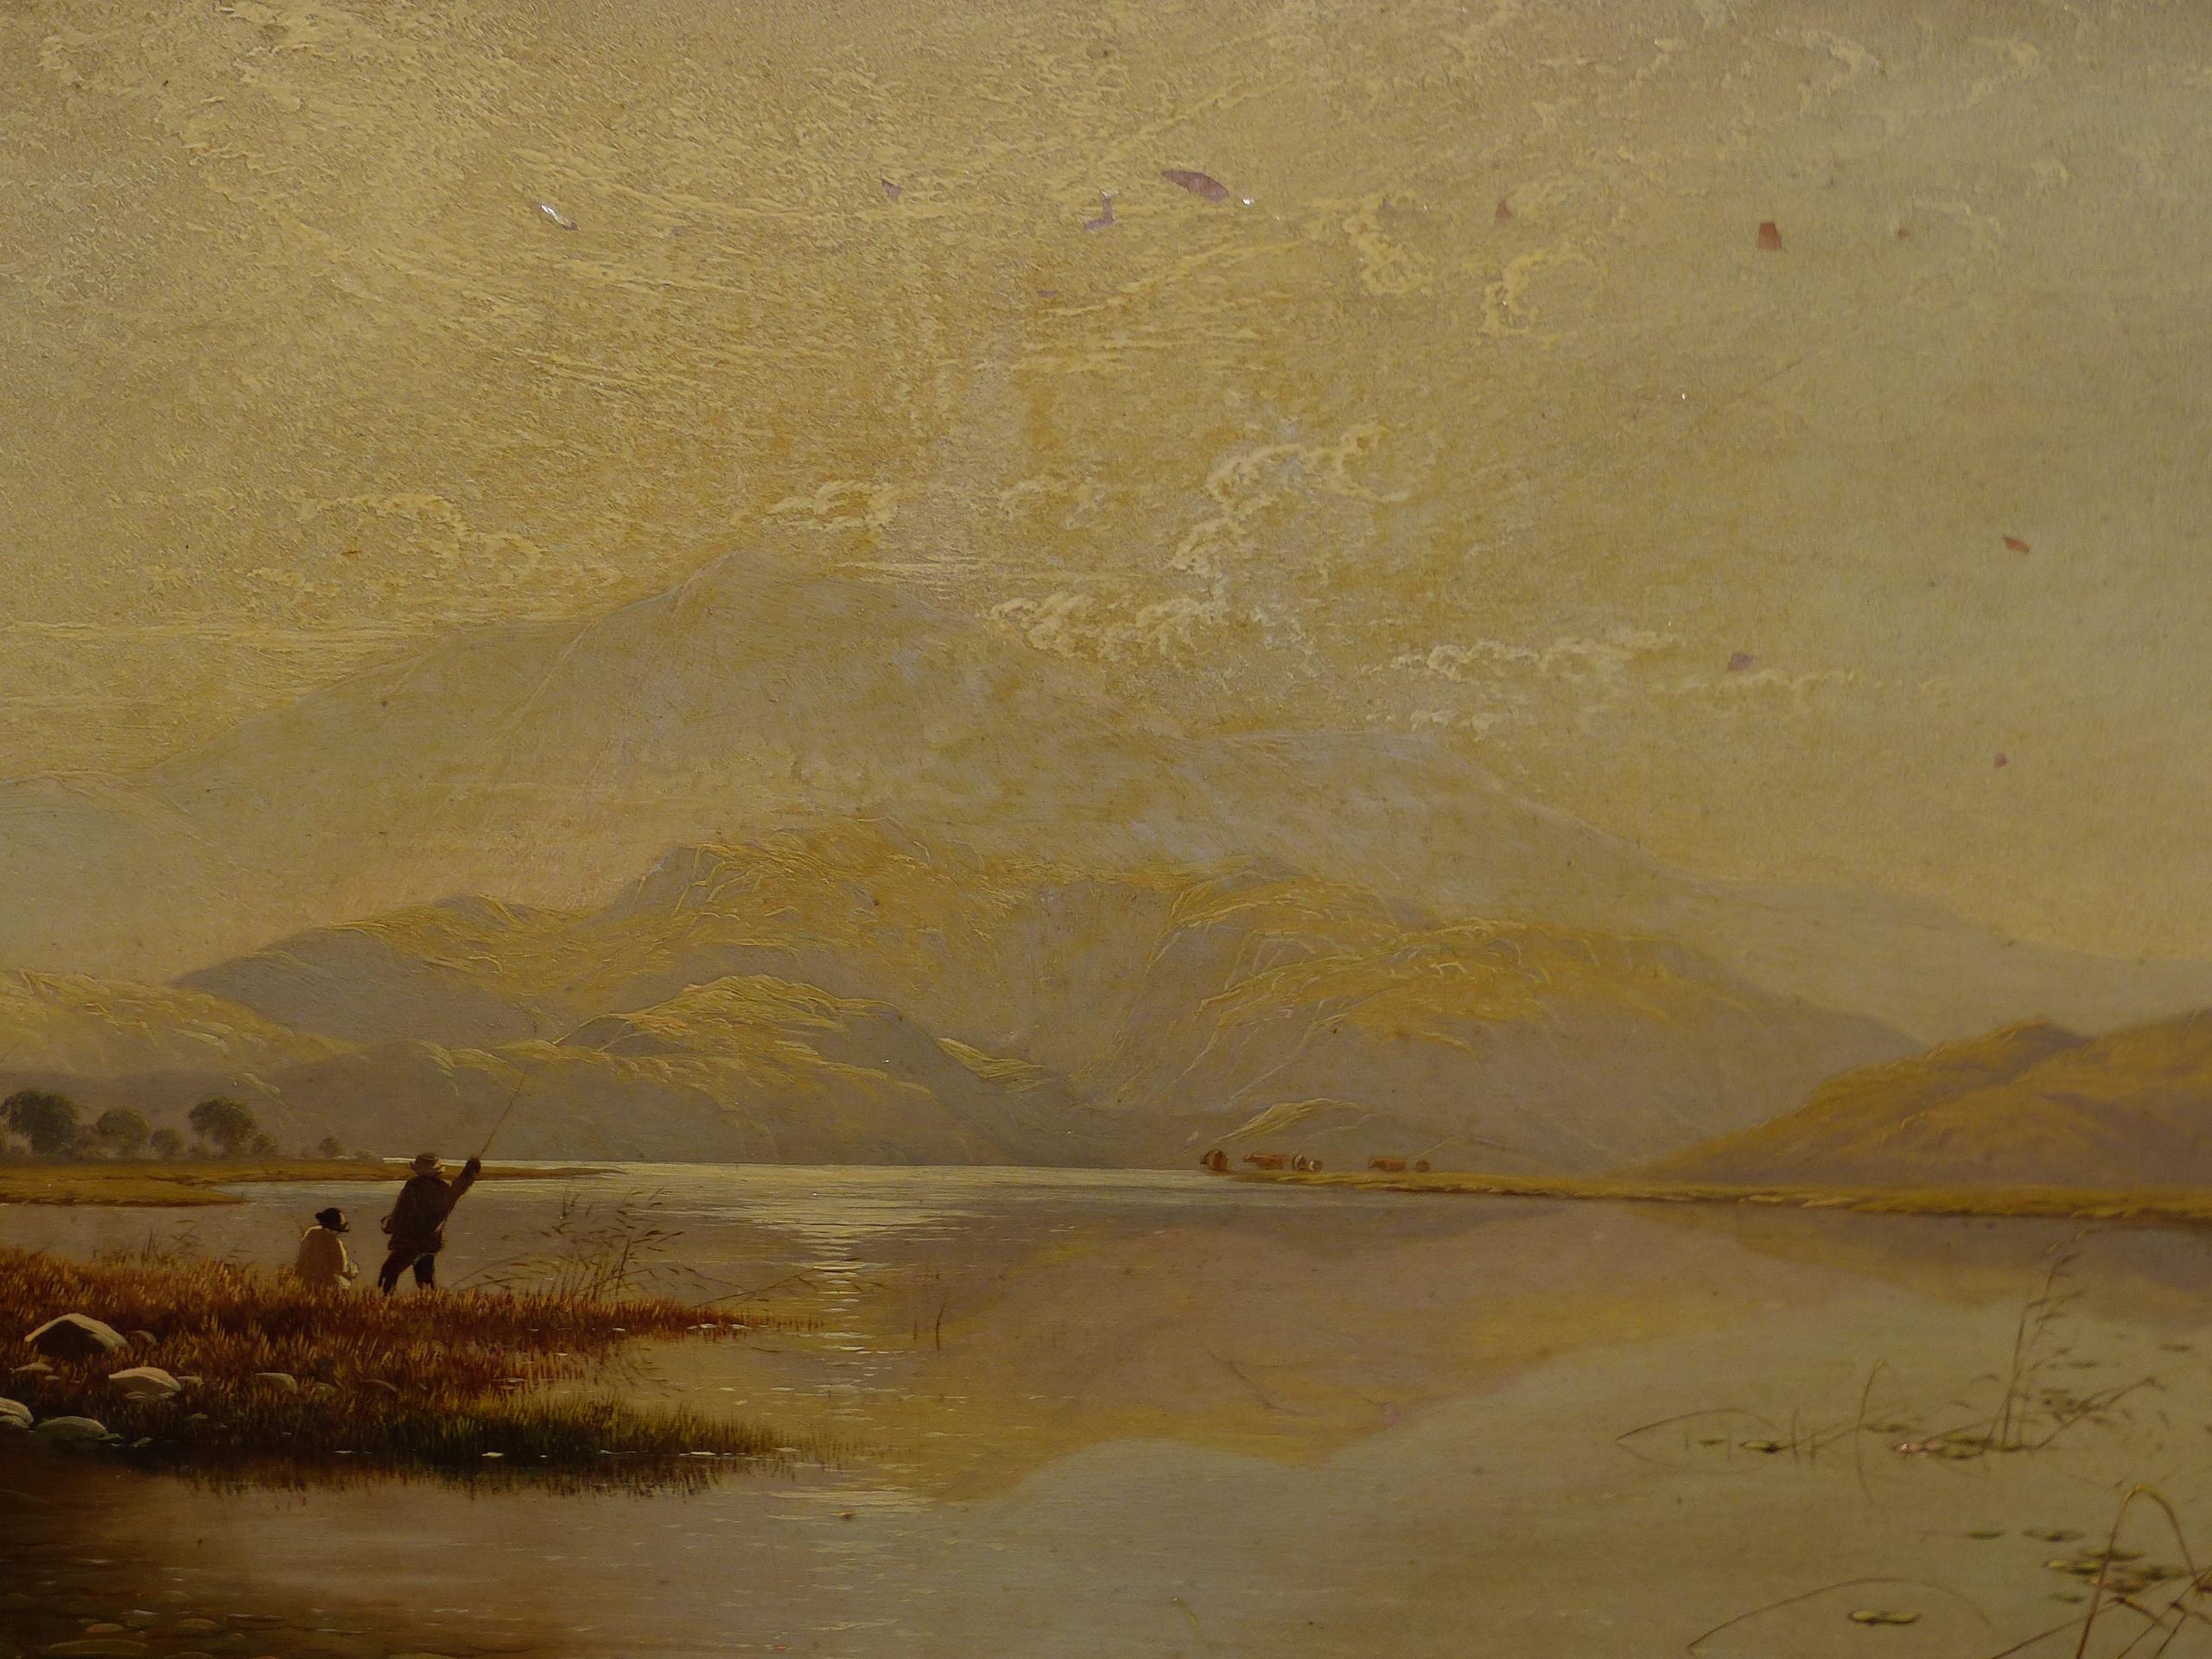 EDWIN BODDINGTON (1836 - 1905) A WELSH LANDSCAPE, OIL ON CANVAS, LABEL VERSO 30 x 56 cm